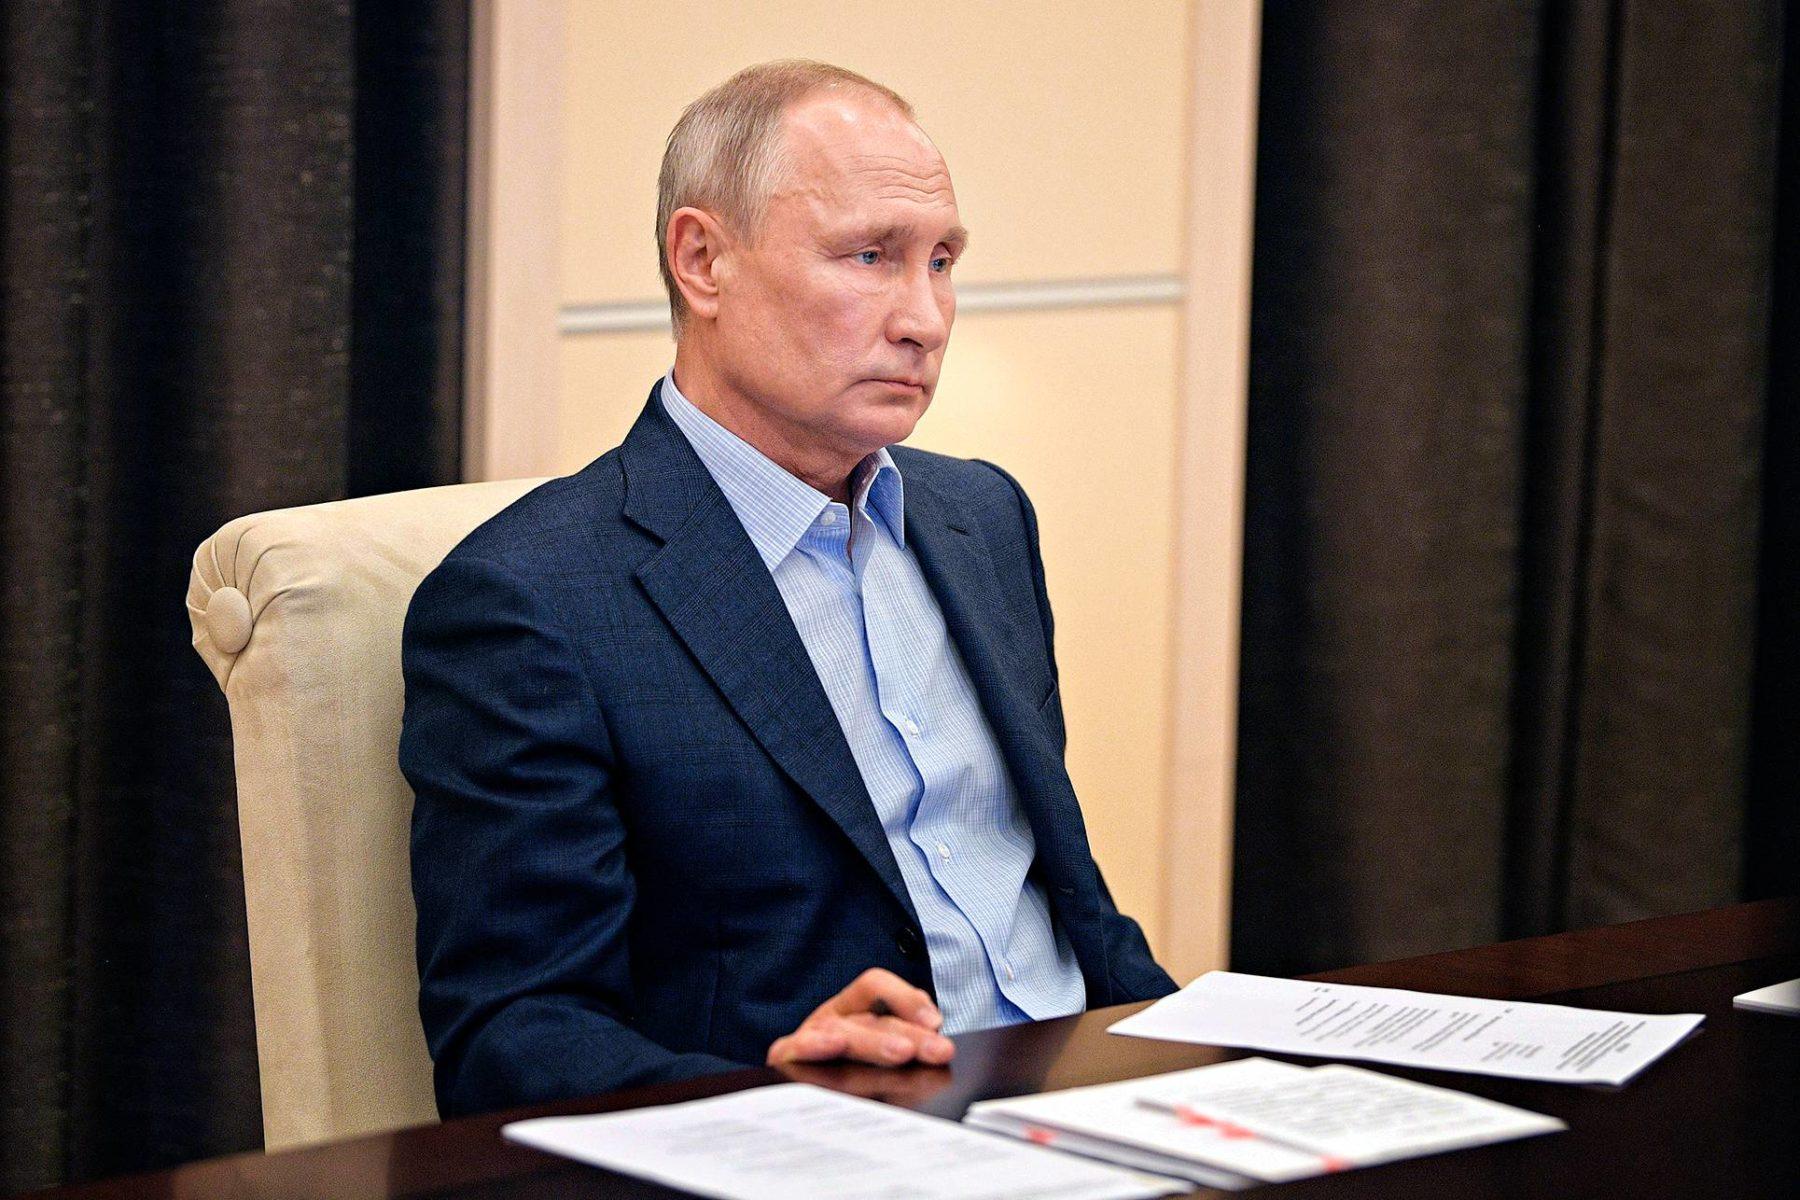 Vladimir Putin, 67, on johtanut Venäjää 20 vuotta.